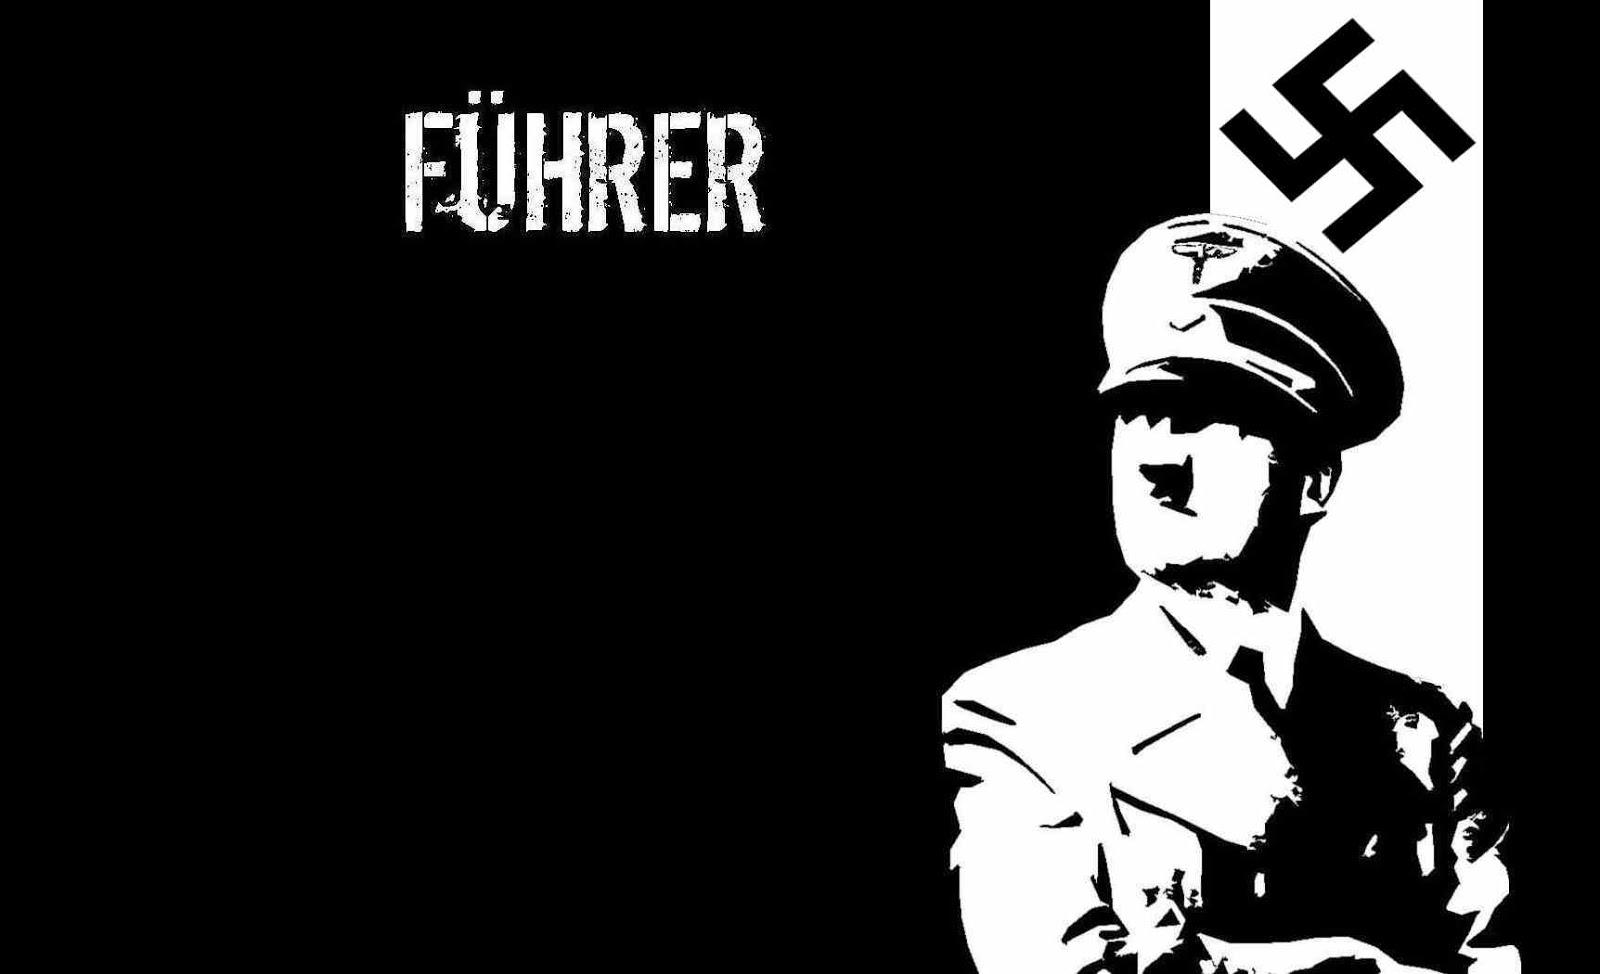 Citaten Hitler Sebenarnya : Mengapa hitler membunuh yahudi fractnumulus